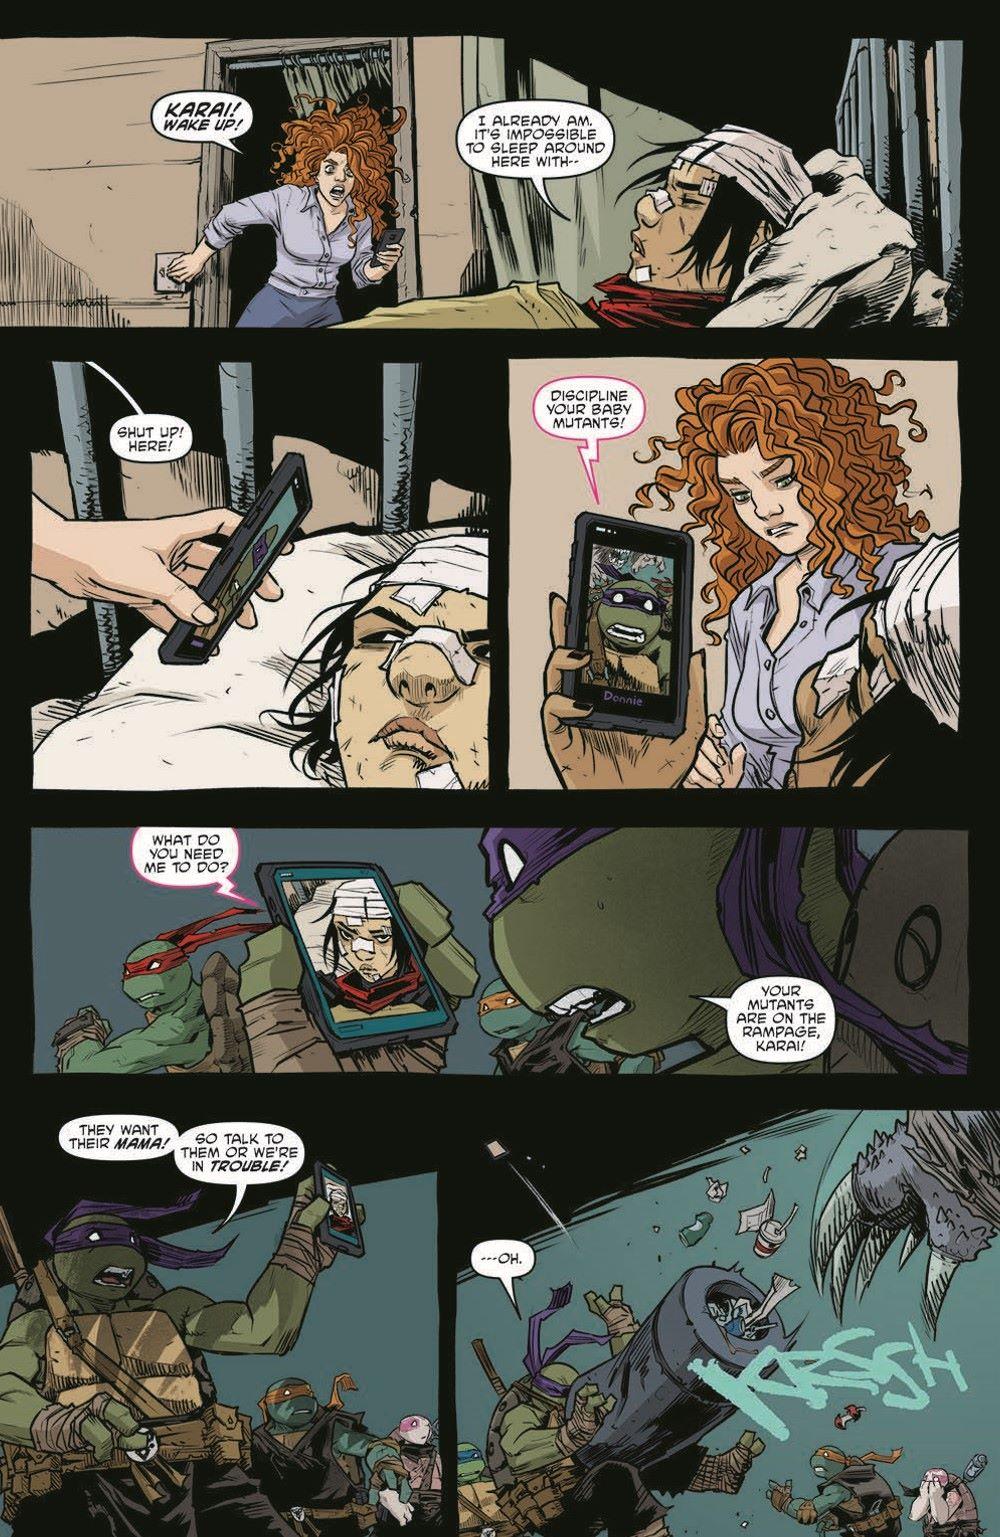 TMNT115_pr-8 ComicList Previews: TEENAGE MUTANT NINJA TURTLES #115